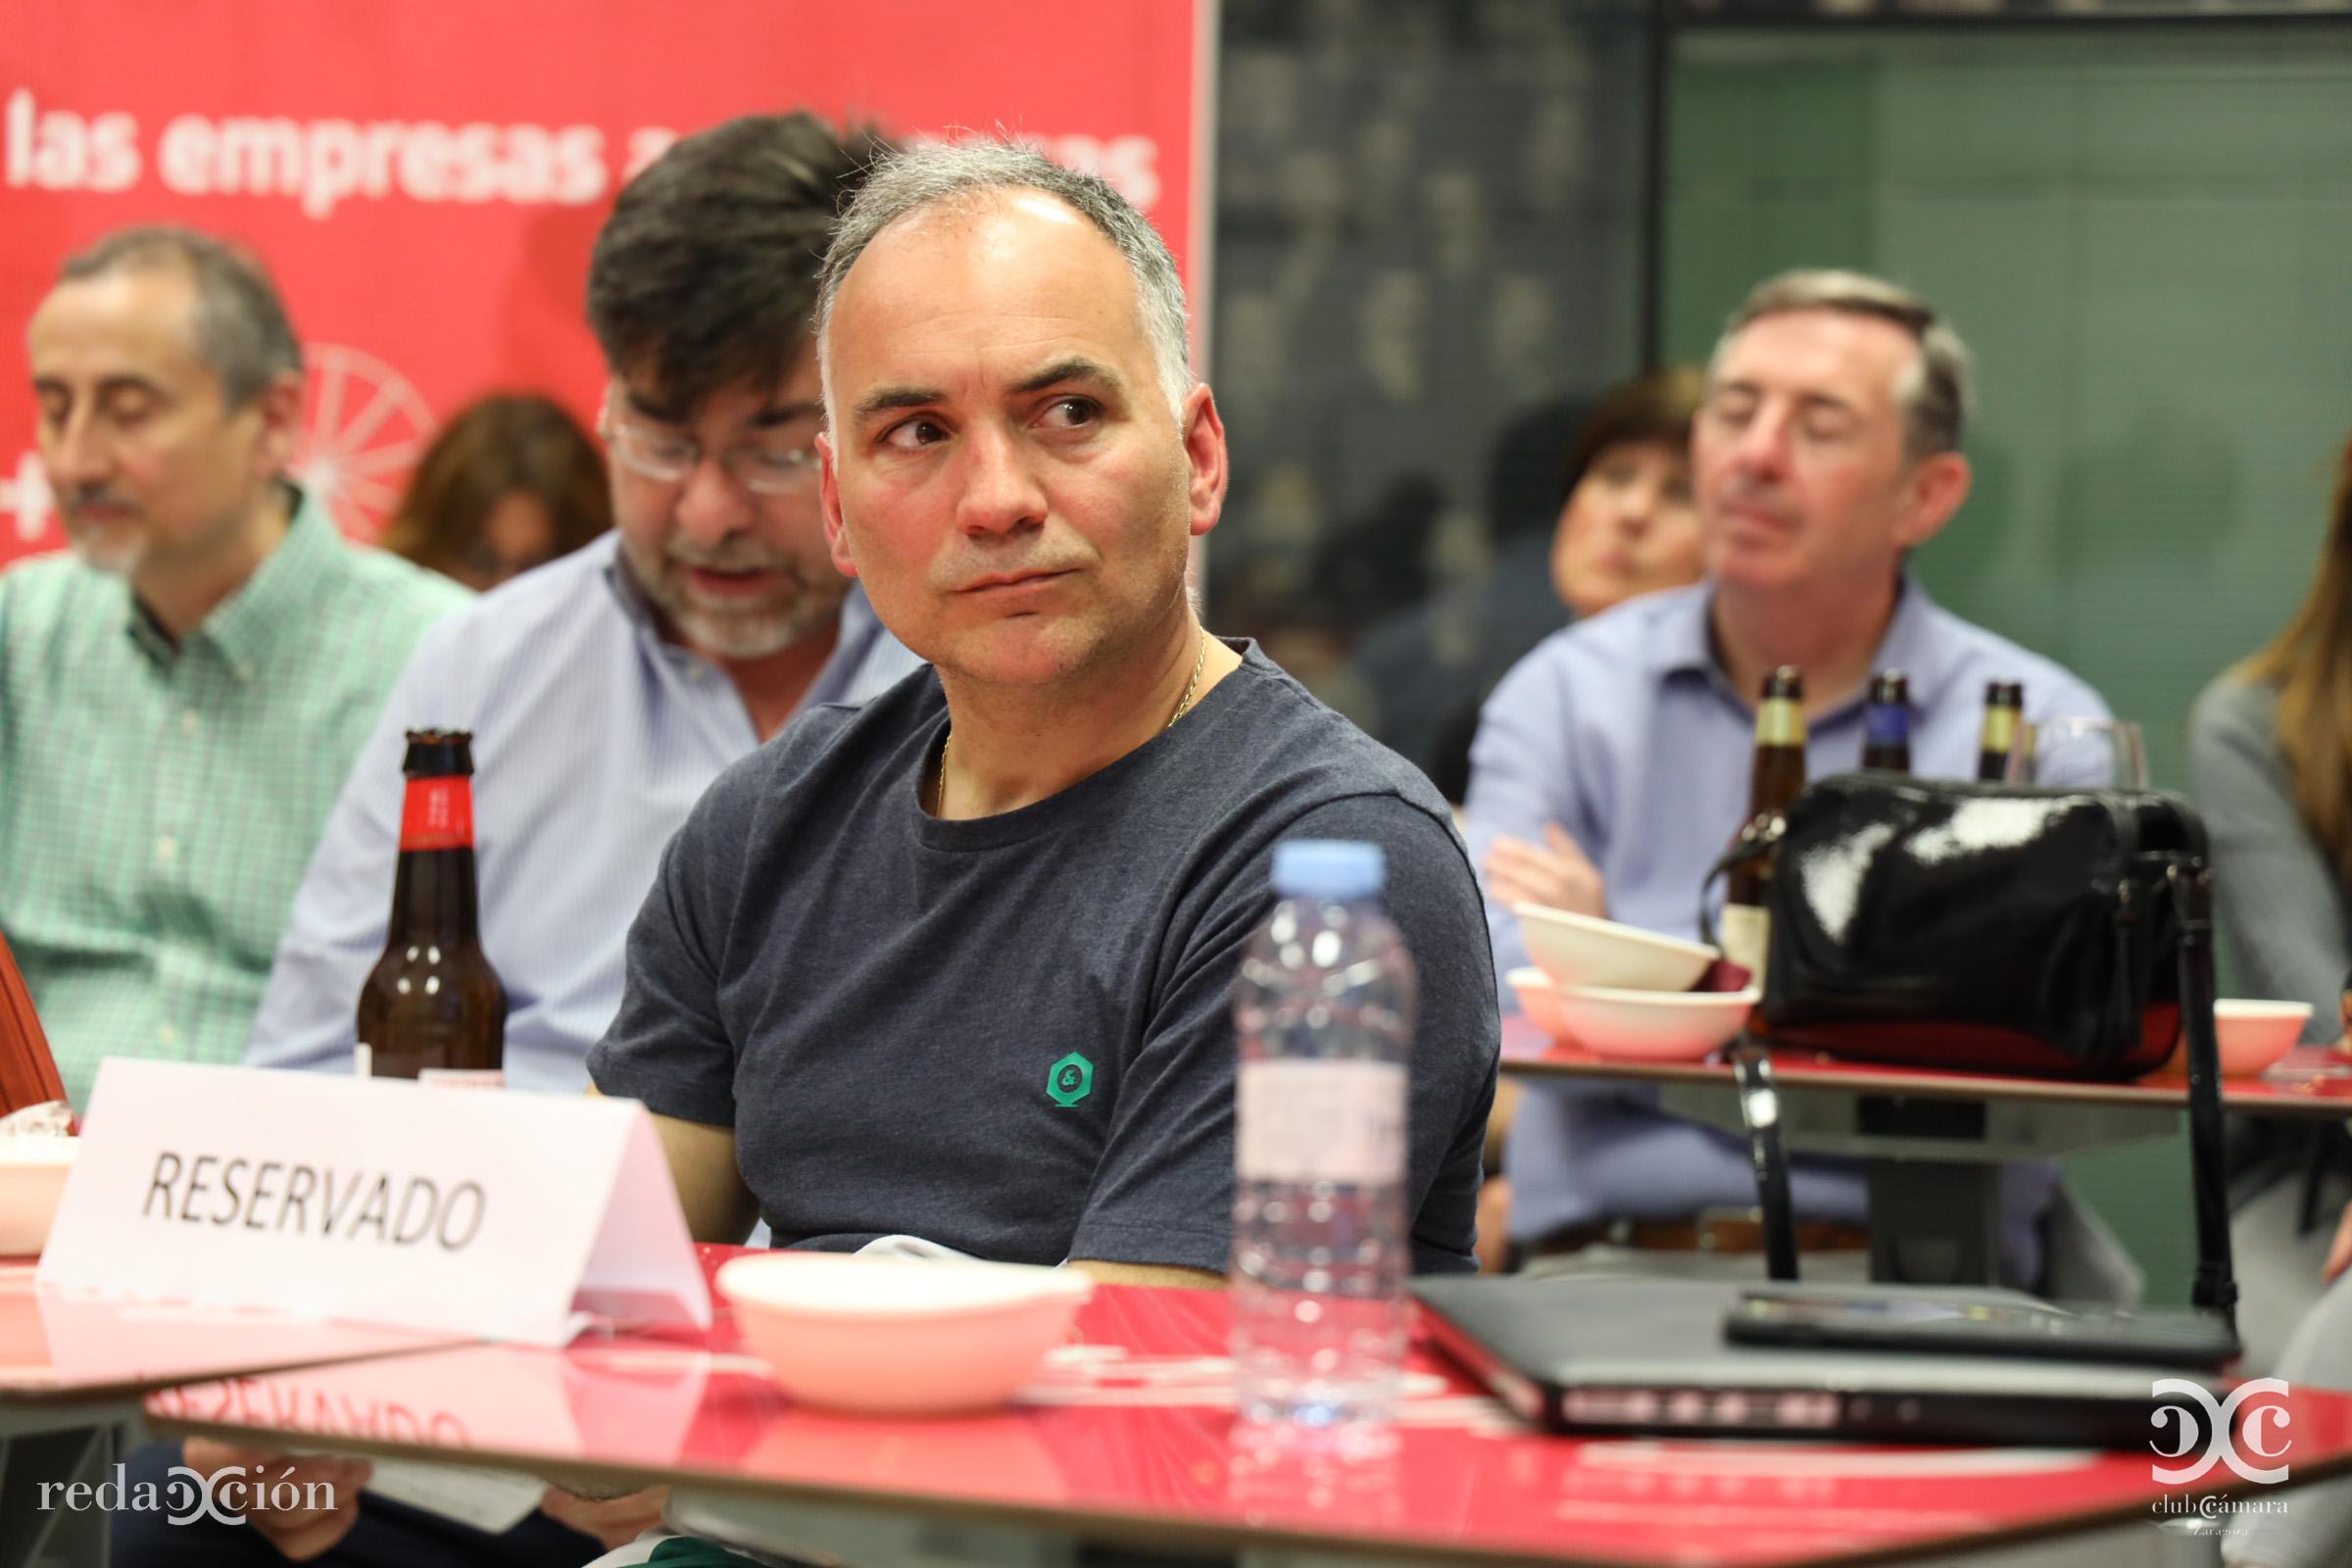 Javier Ferrer, Frutas Ferrer